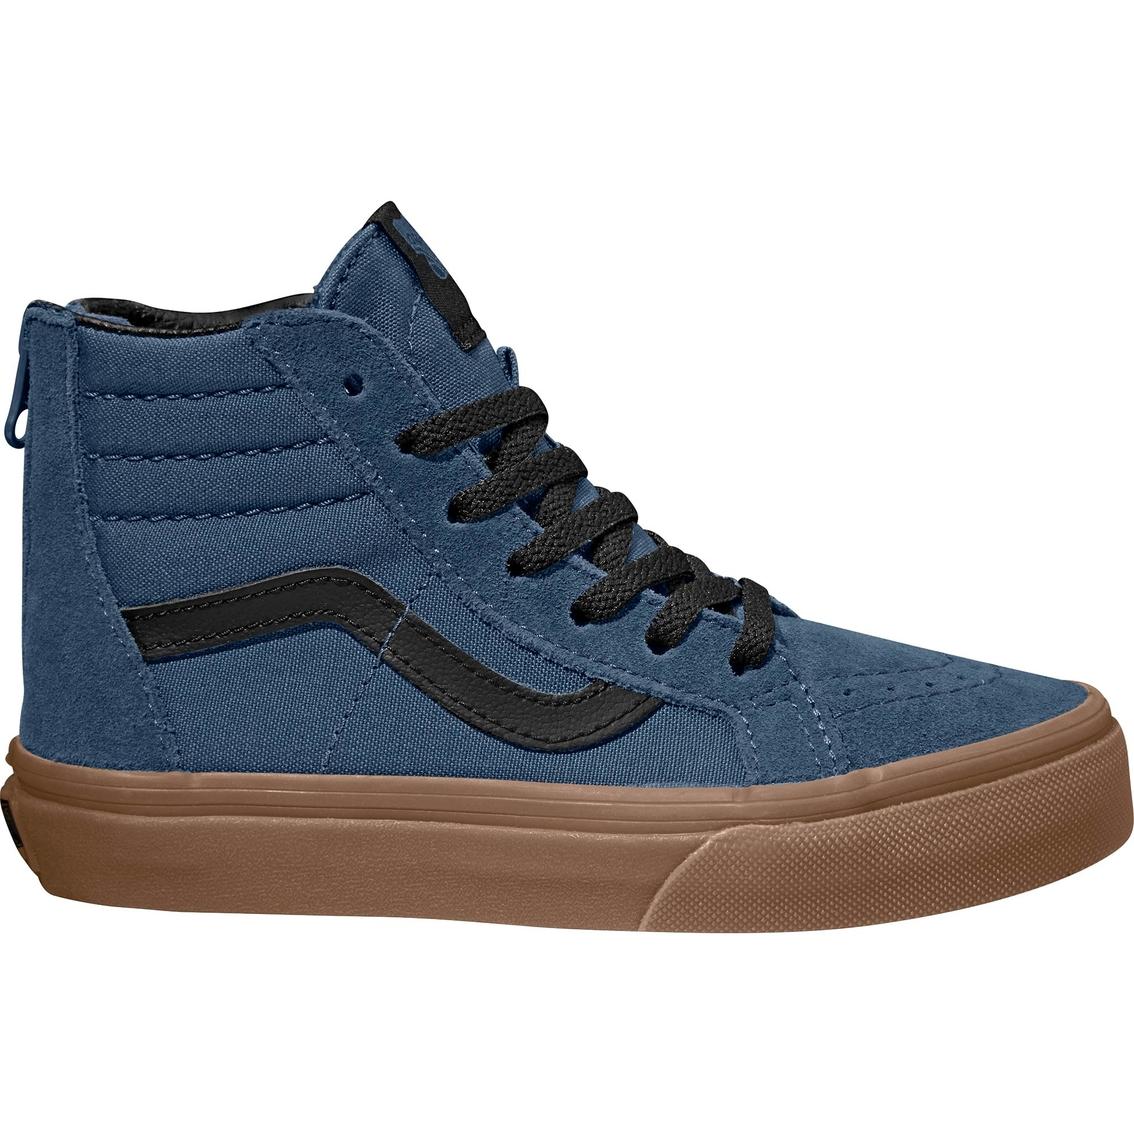 Vans Boys Sk8 High Top Sneakers